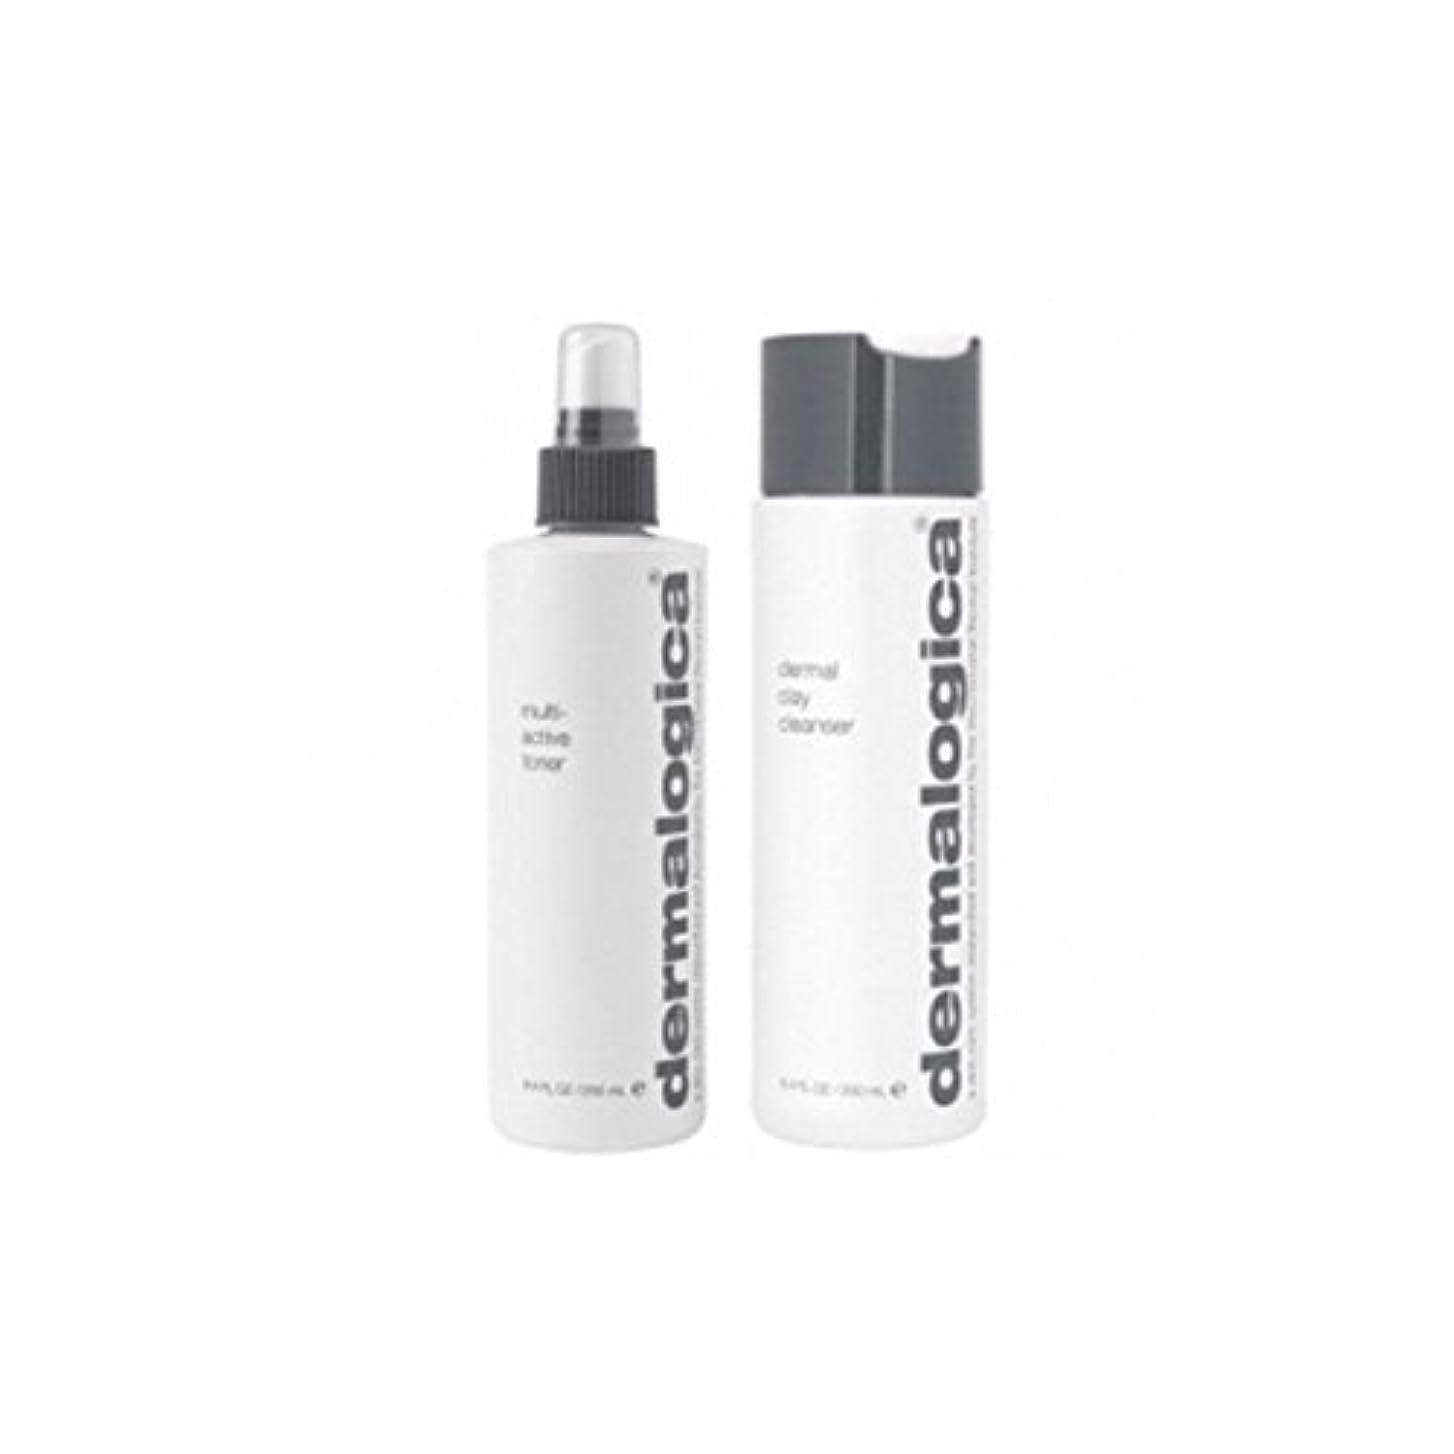 ローン主権者怖がらせるダーマロジカクレンジング&トーンデュオ - 脂性肌(2製品) x2 - Dermalogica Cleanse & Tone Duo - Oily Skin (2 Products) (Pack of 2) [並行輸入品]